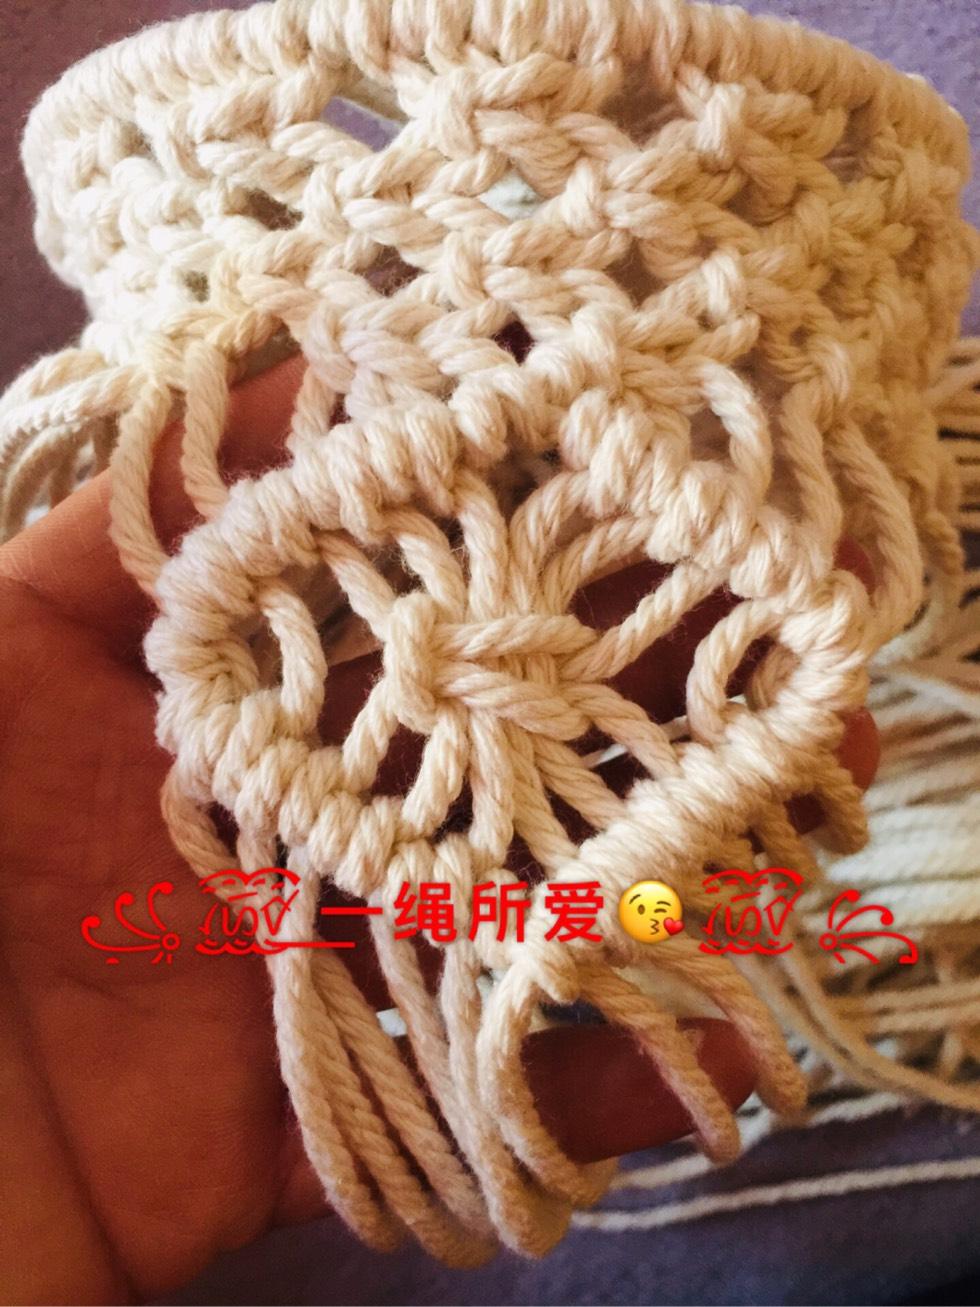 中国结论坛 原创·Macrame 收纳篮  立体绳结教程与交流区 143020m4qzqb8qak8t3g0k